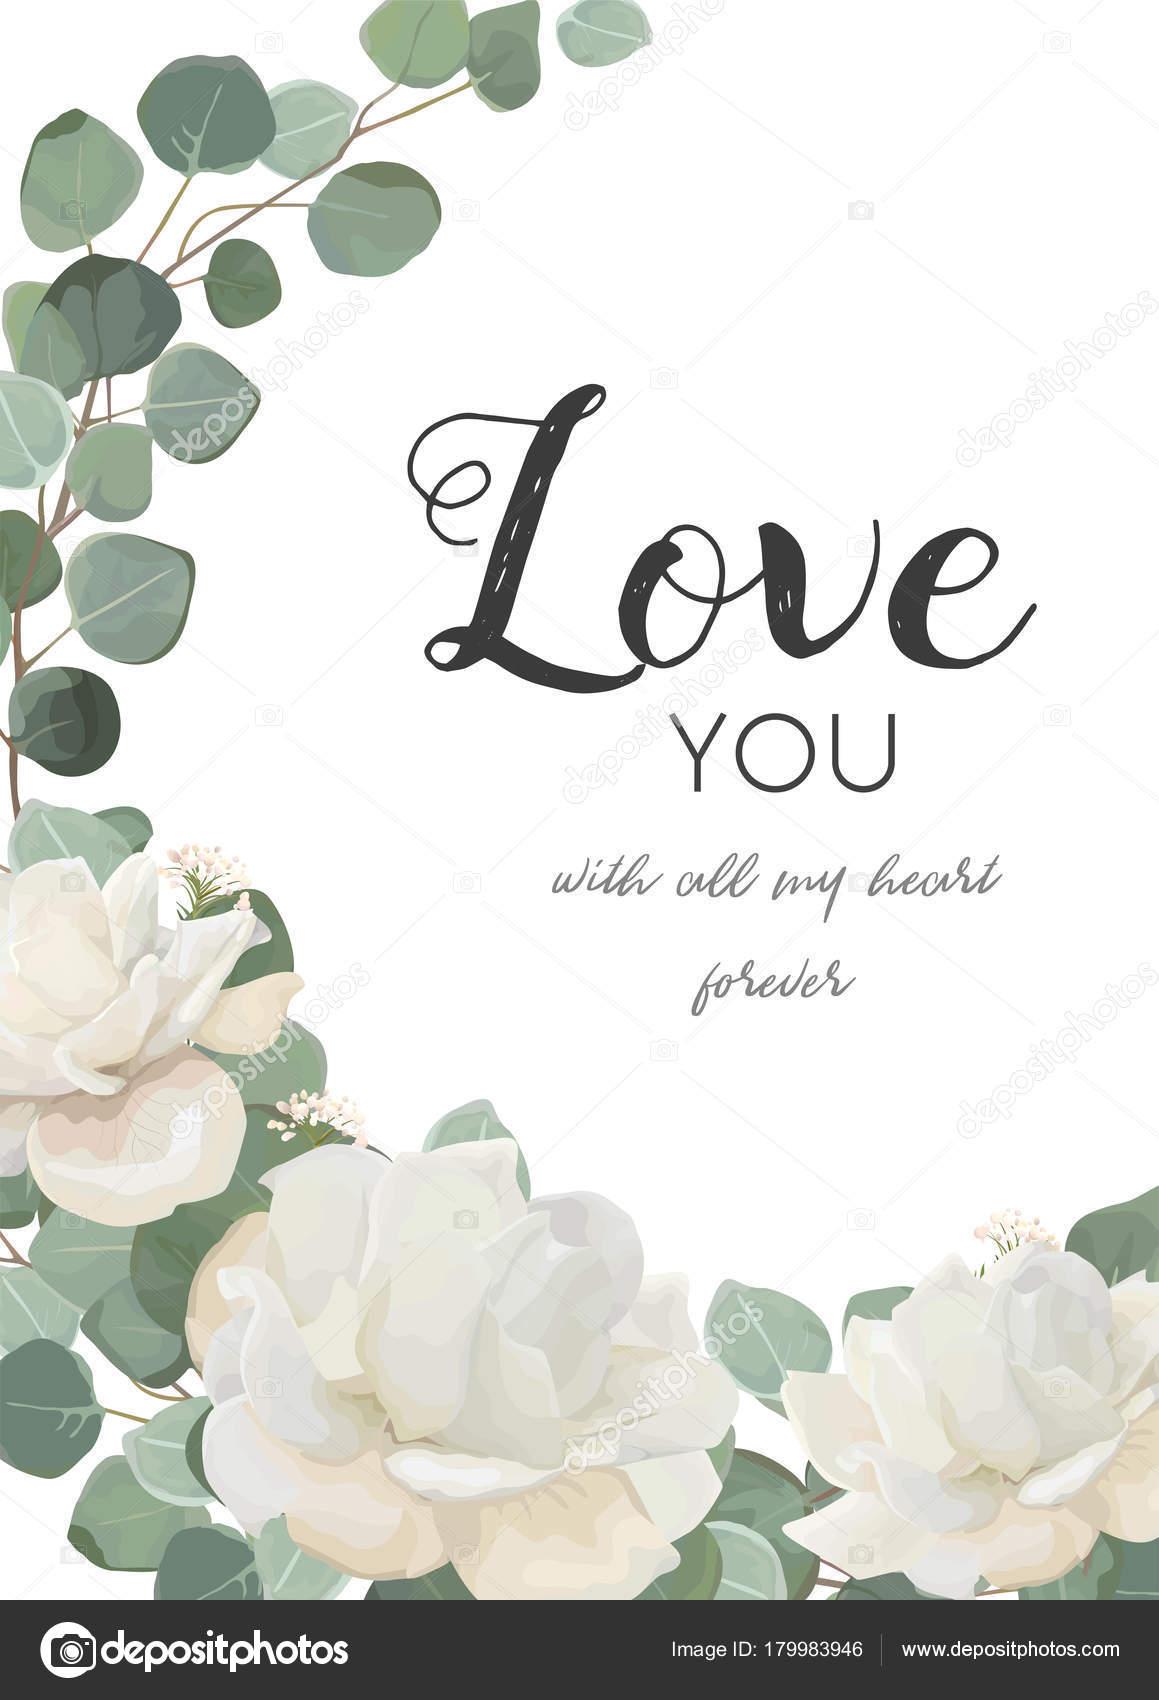 Weiße Rose Pulver Pfingstrose Blume, Eucalyptus Zweig Mit Blättern U0026 Grün  Mischen Girlande Bouquet. Postkarte, Hochzeit Einladung Vorlage.